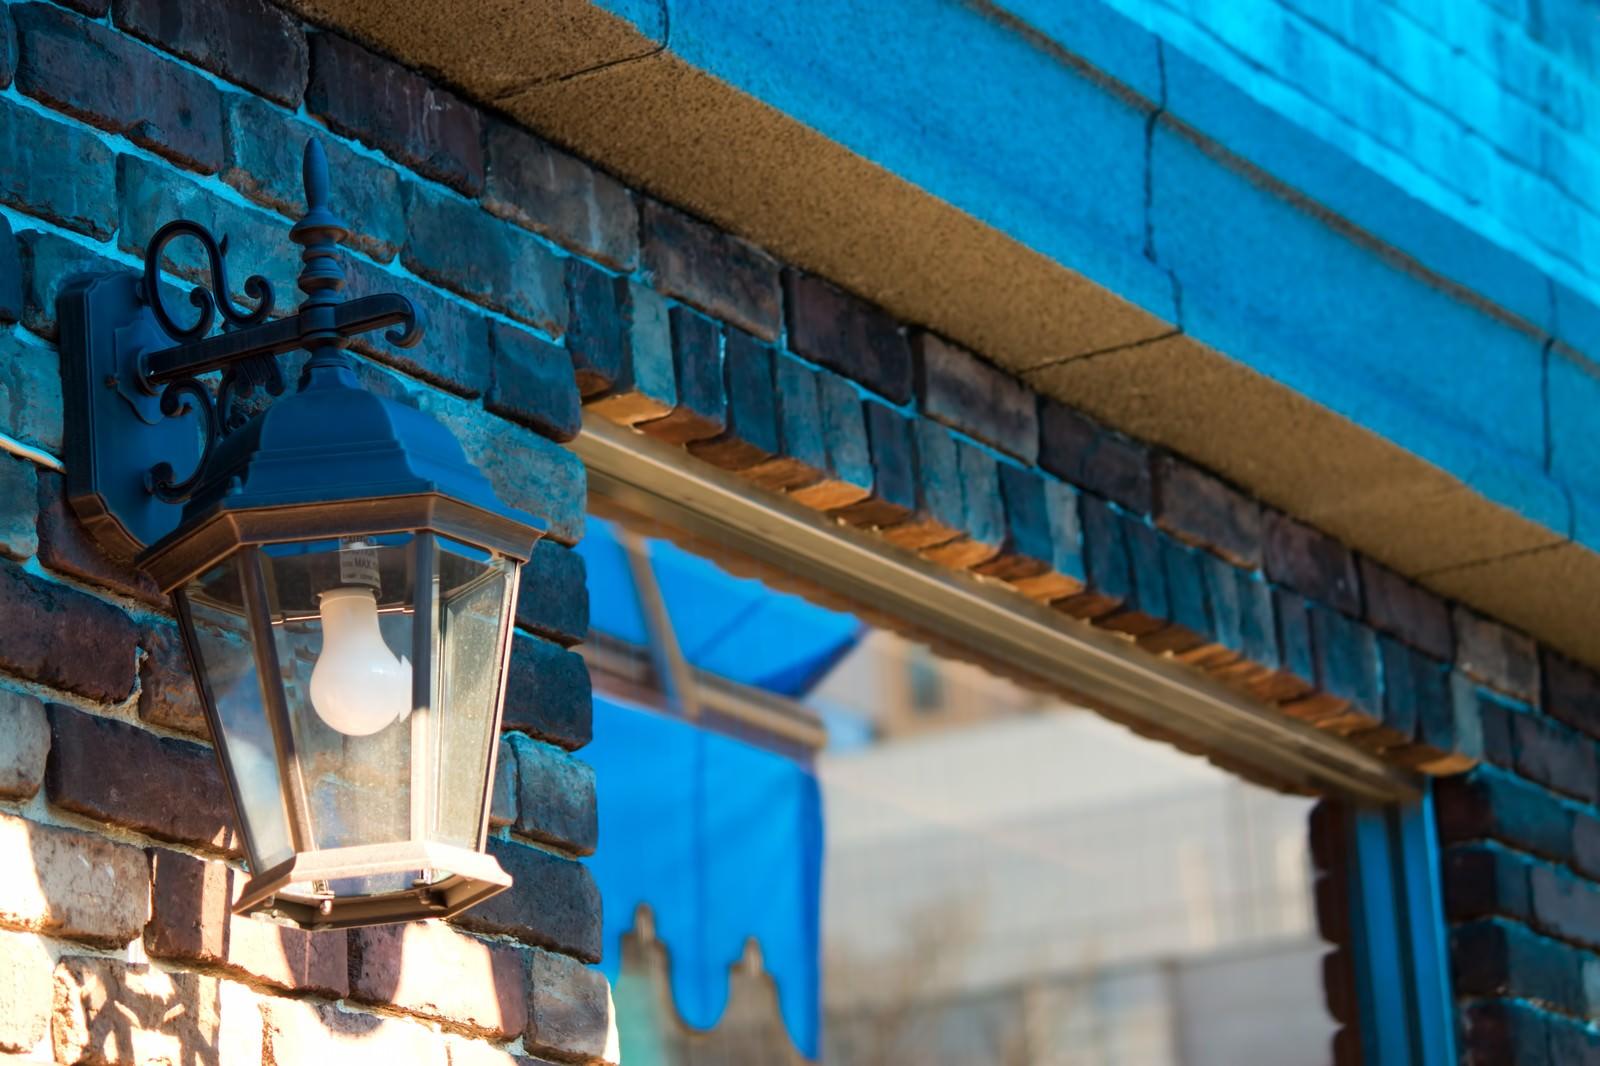 「レンガでできた店先の街灯」の写真